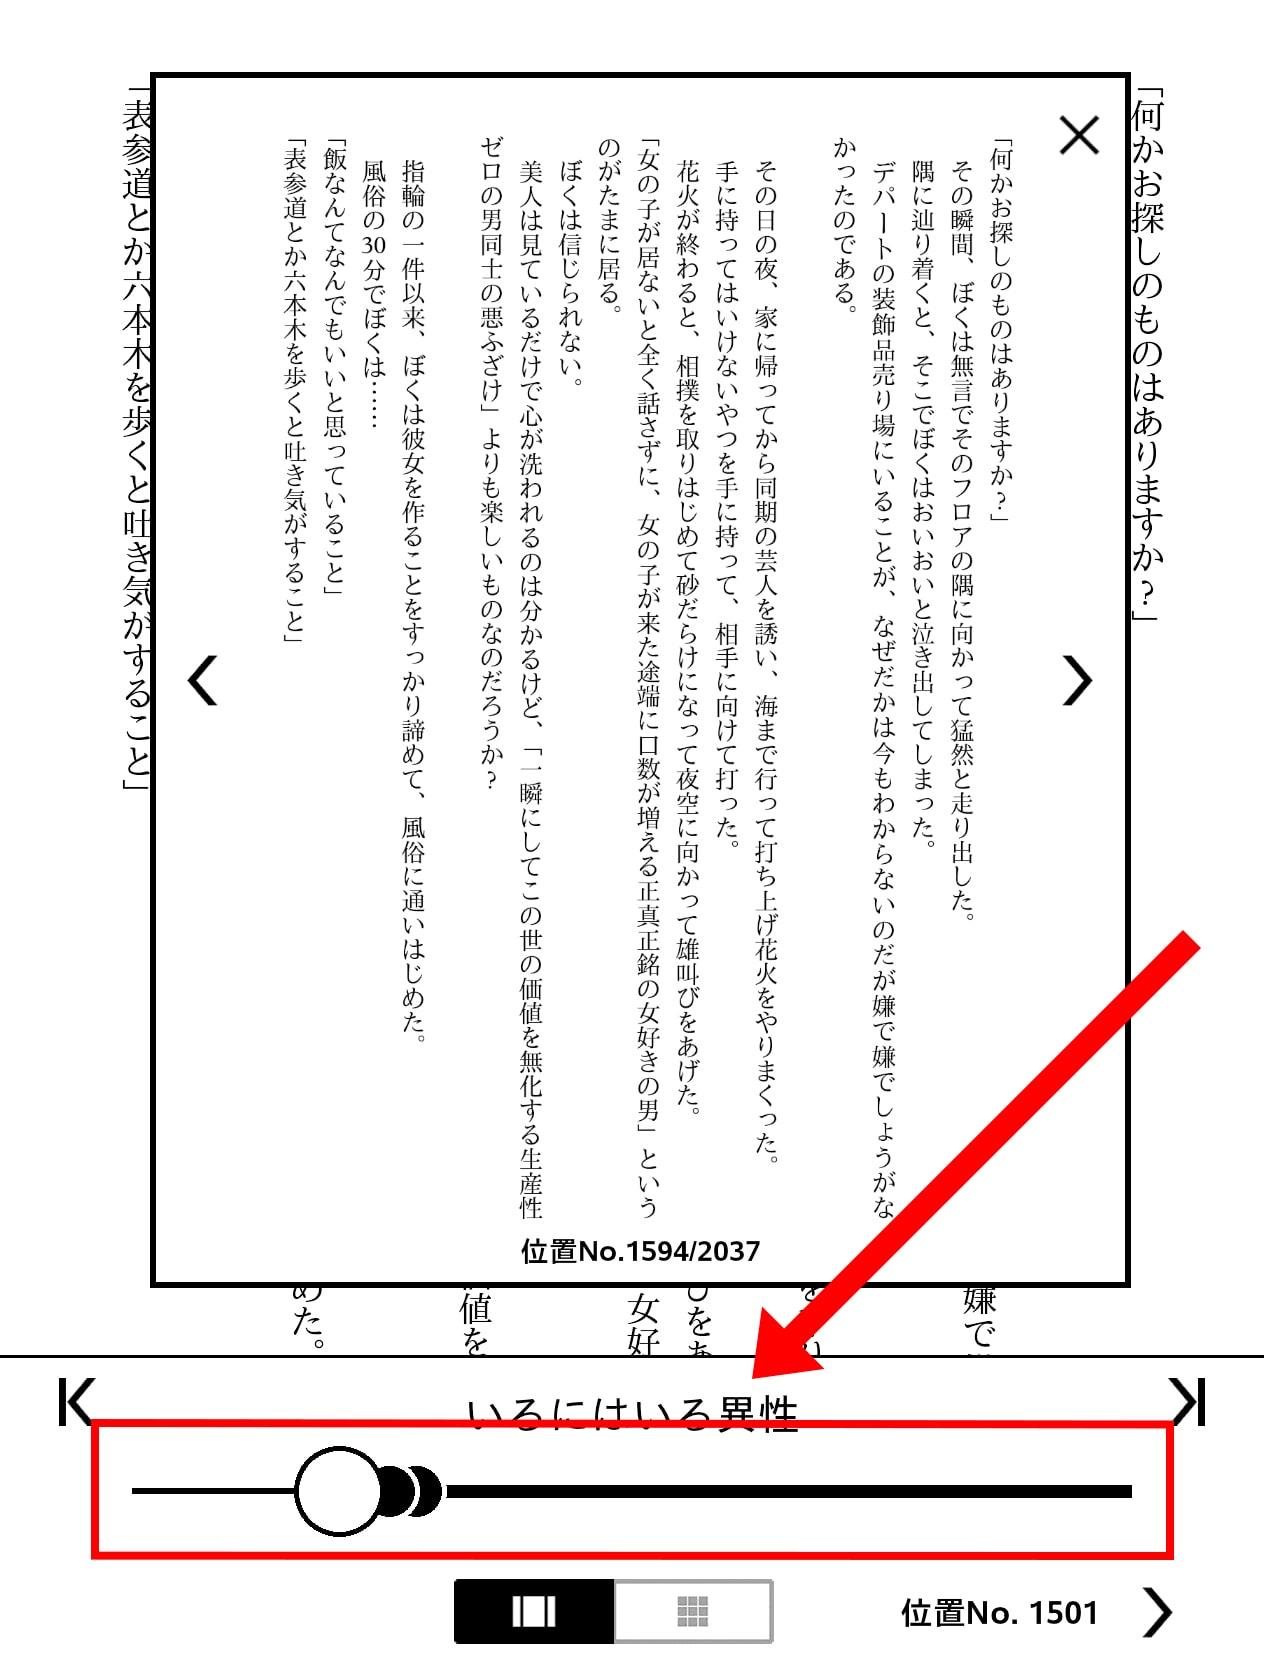 スライダーで読みたいページまで移動する方法